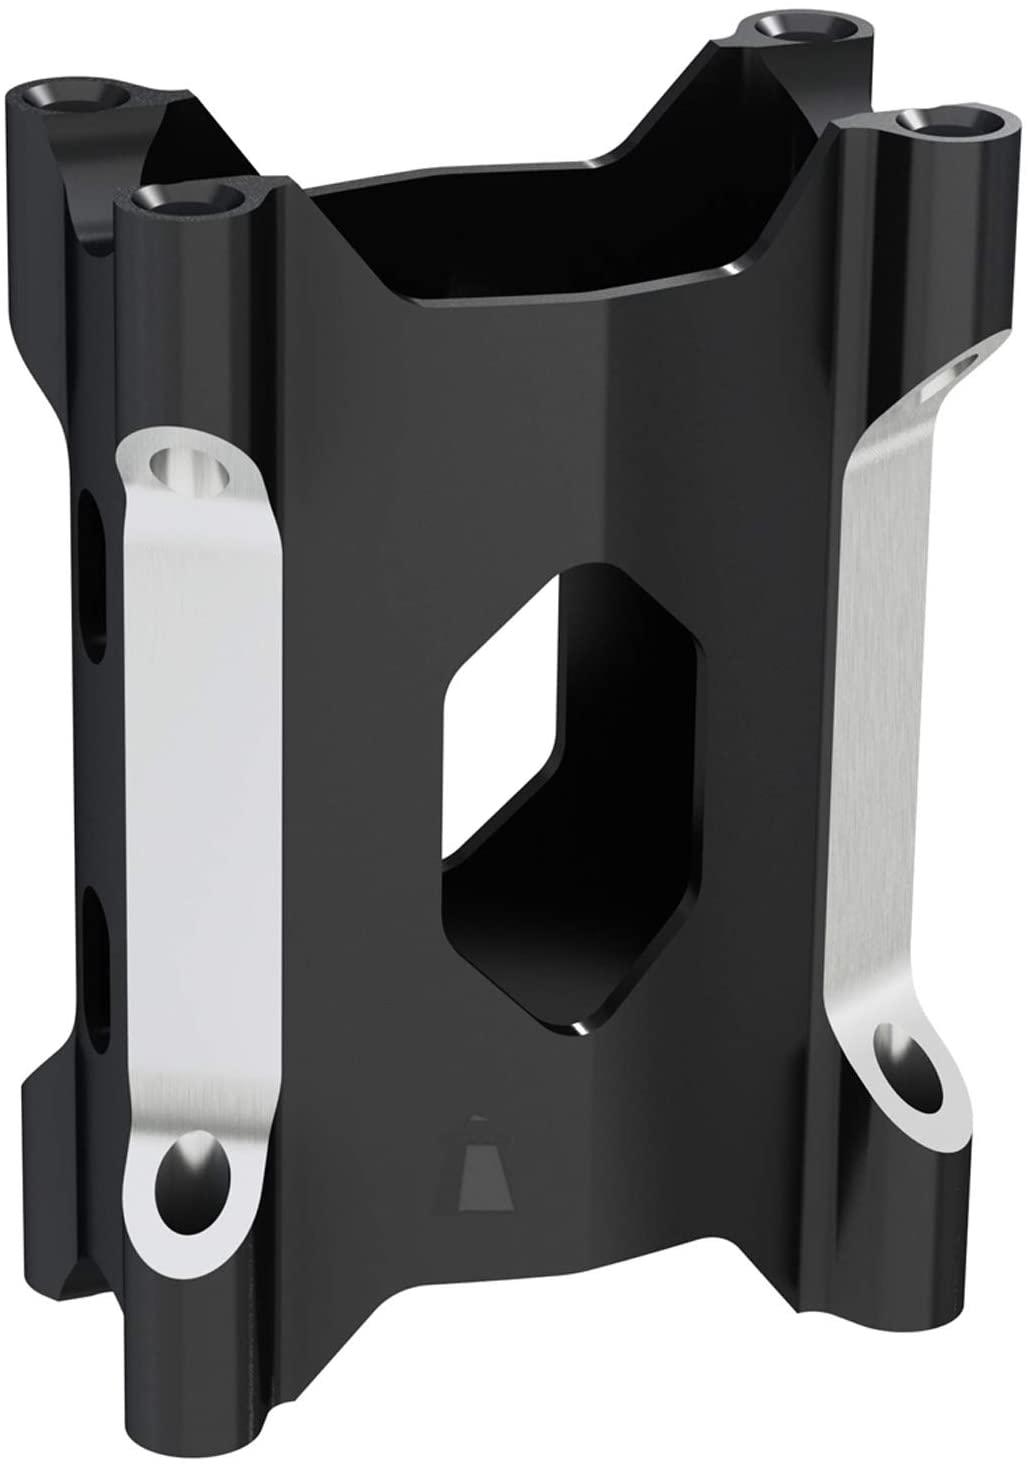 Ski-Doo New OEM Extension Kit for Straight Handlebar, REV G4, 860201427